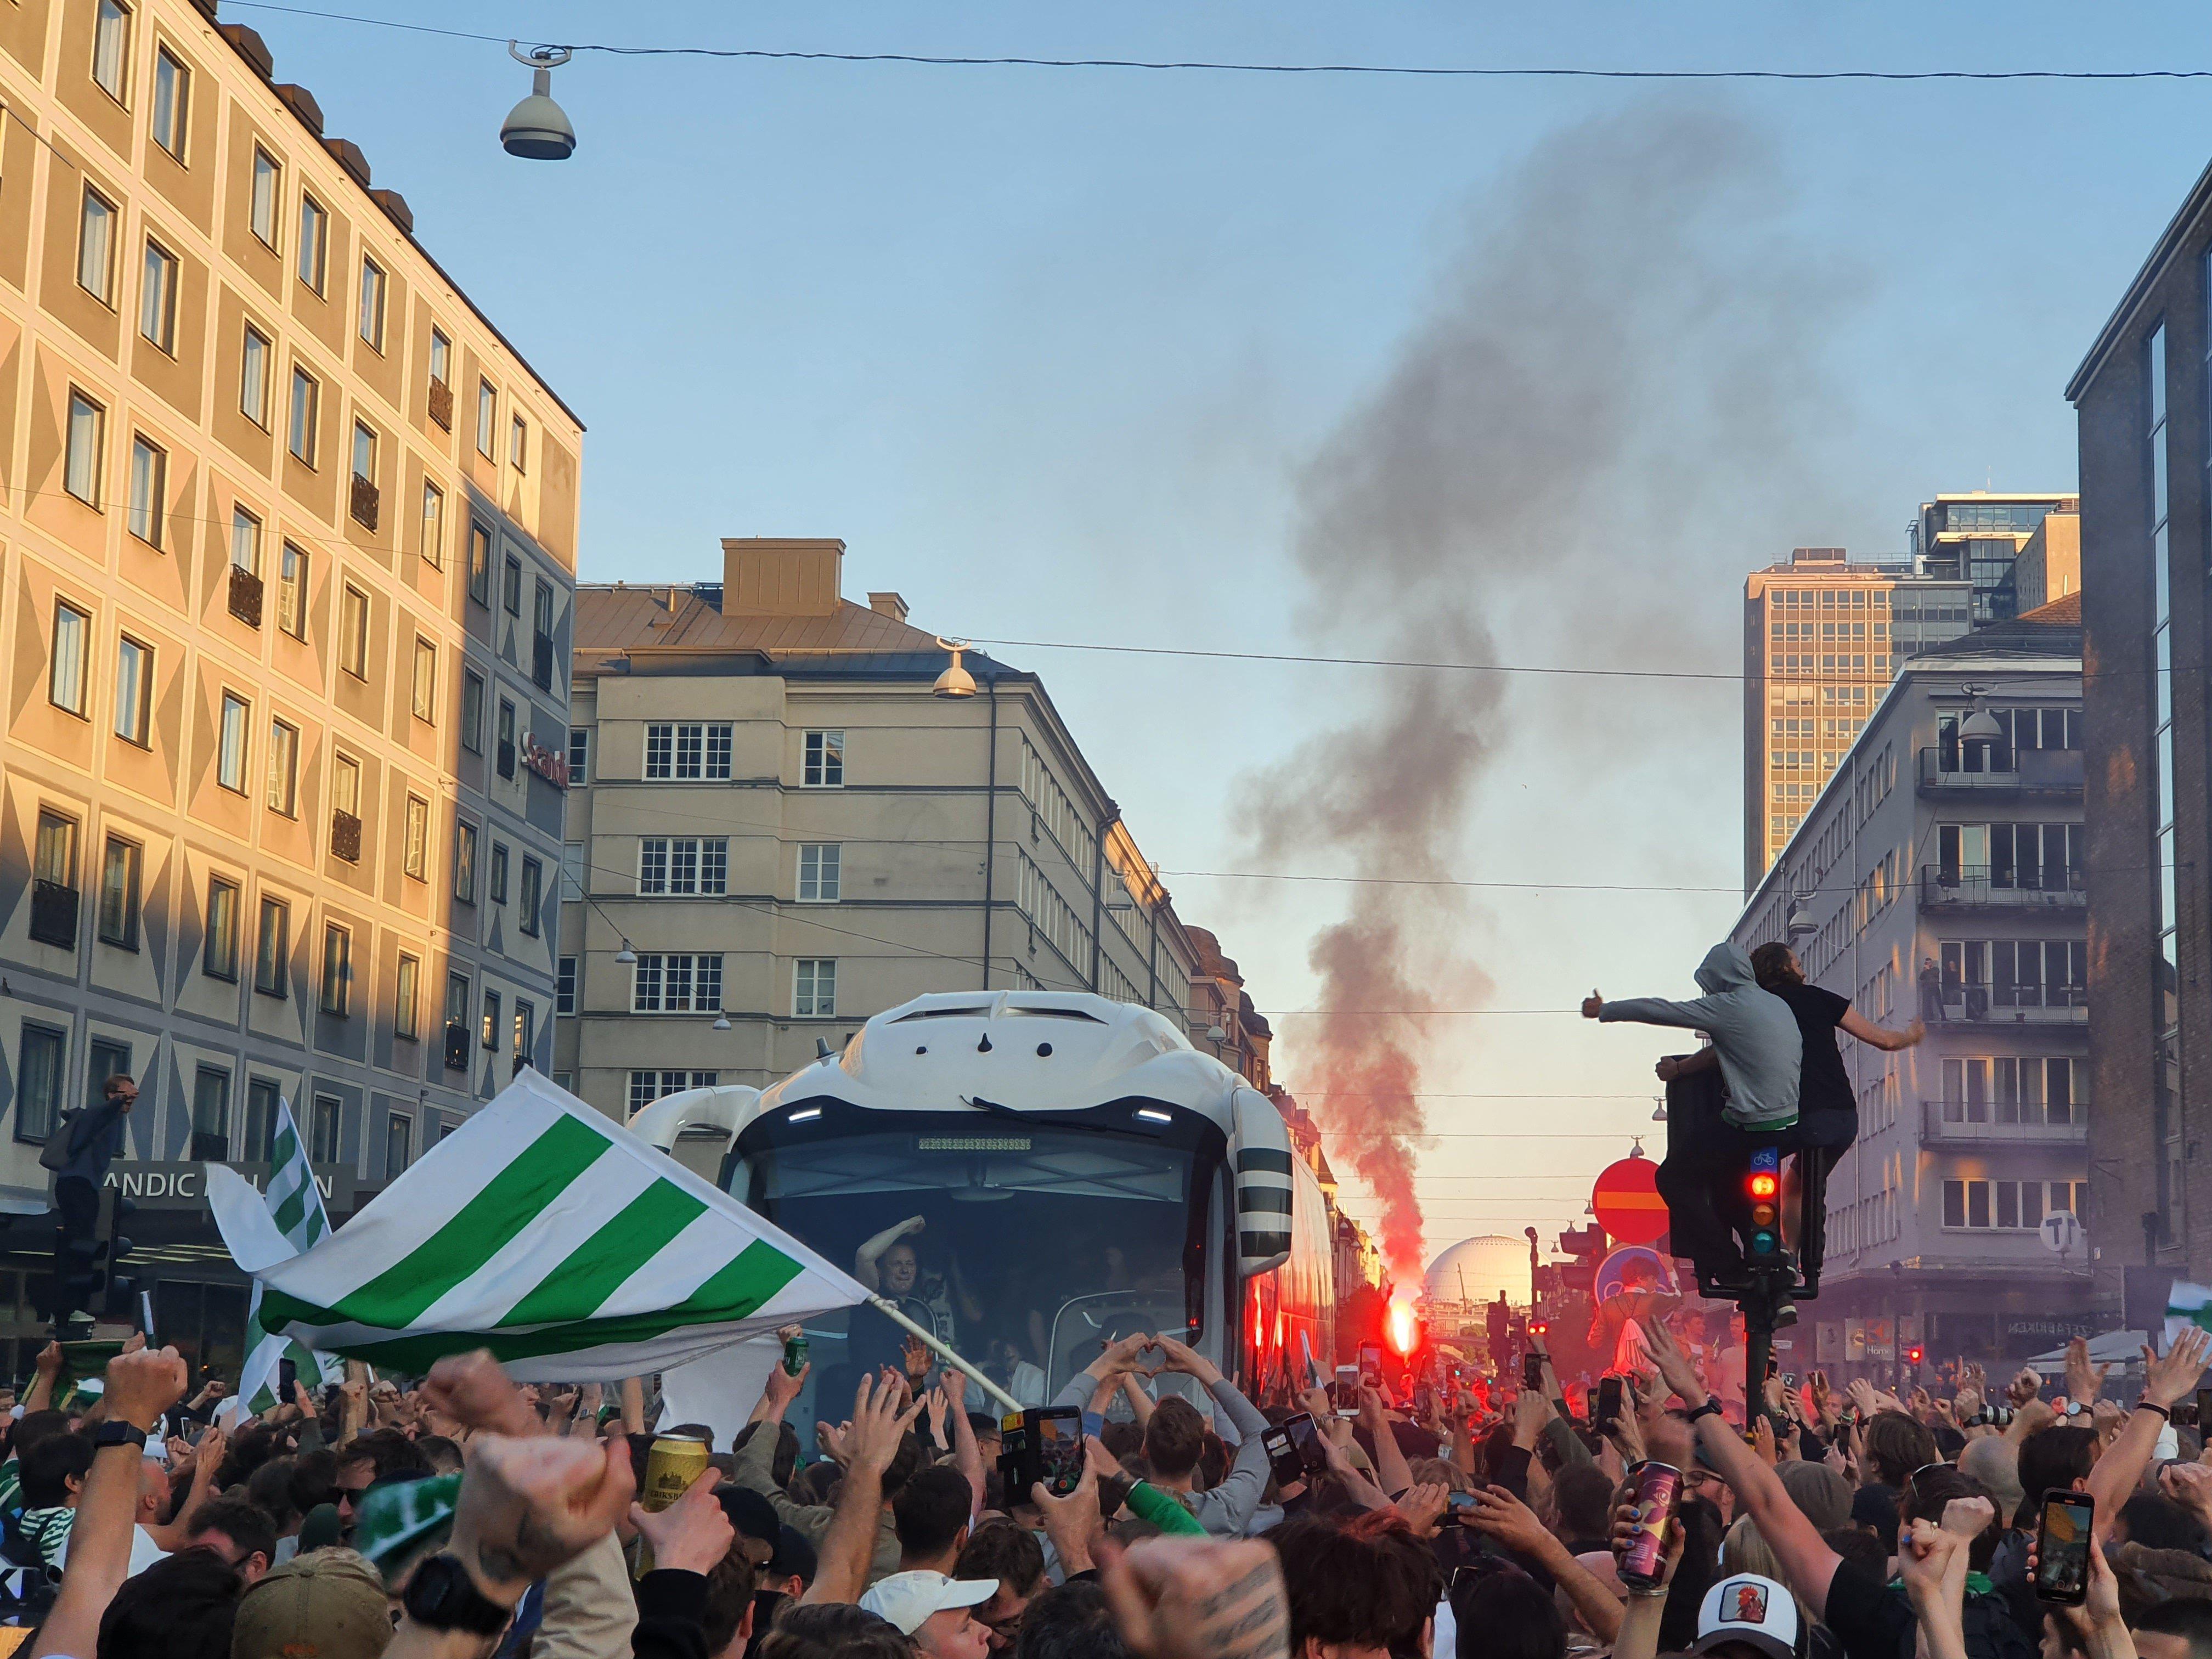 """""""Хаммарбю"""" выиграл Кубок Швеции: безумие на улицах Стокгольма и первый успех Ибрагимовича в качестве совладельца клуба (+Фото, Видео) - изображение 18"""